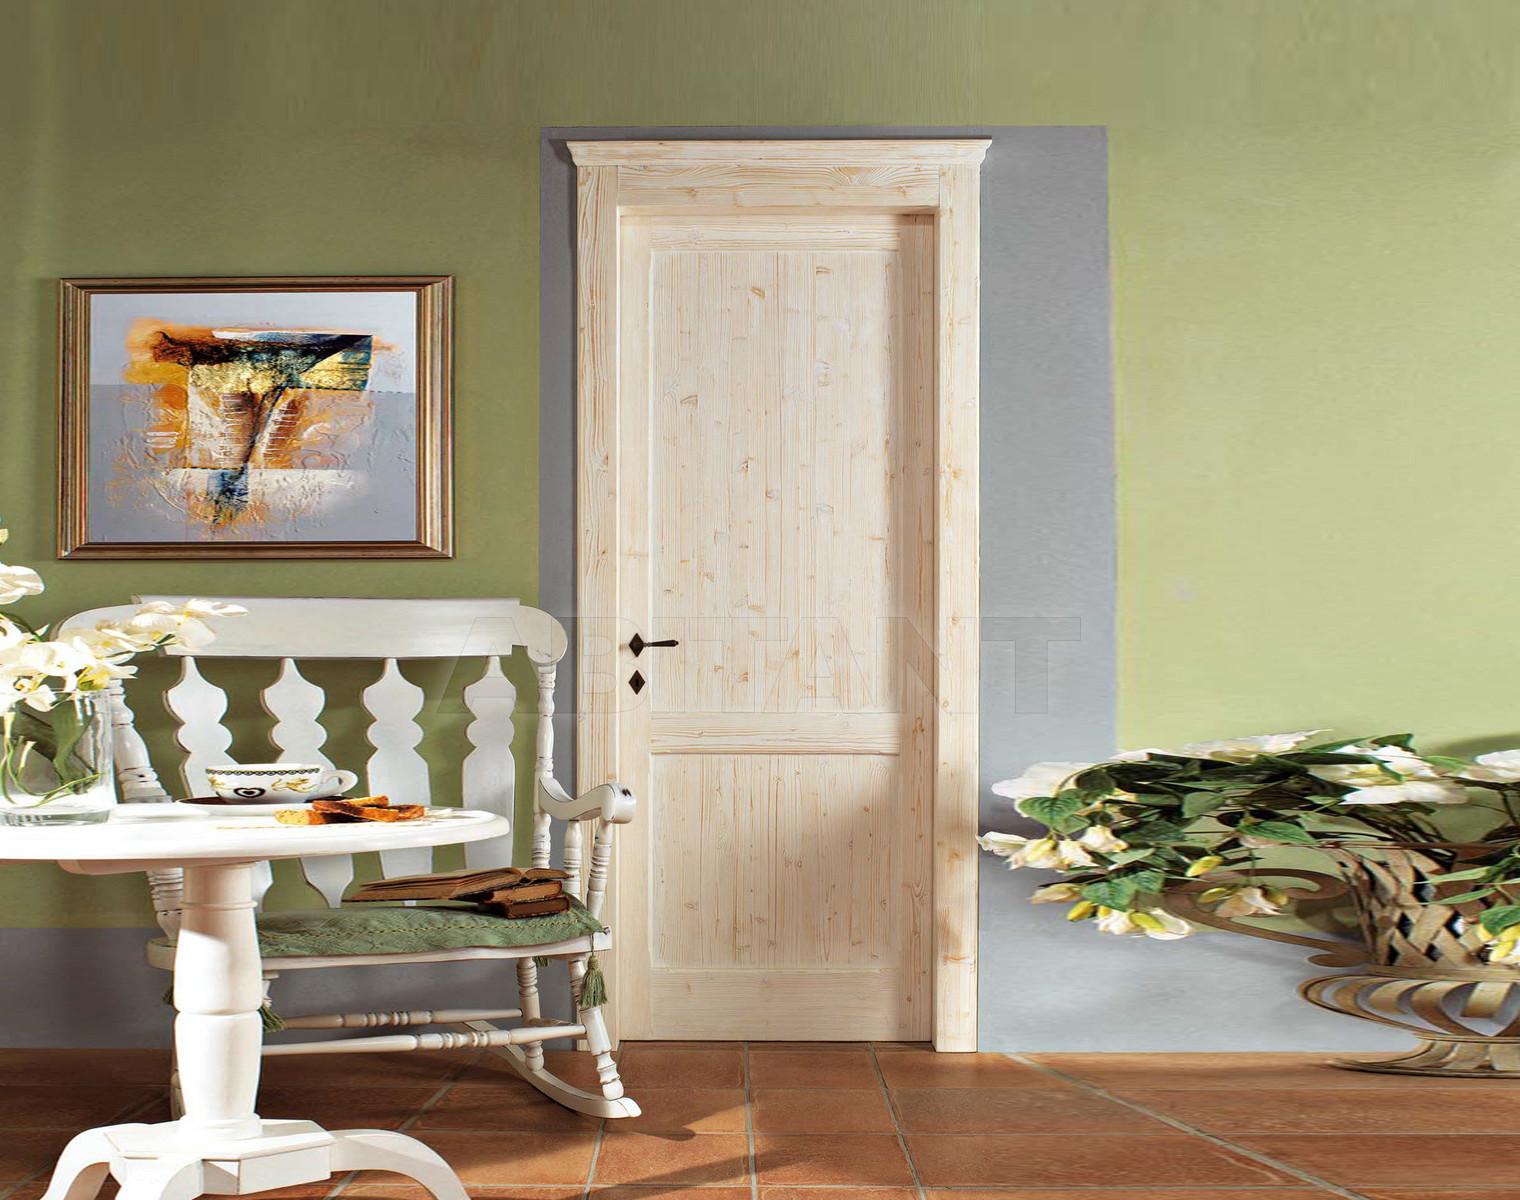 Купить Дверь деревянная Tiferno Mobili Dinasie N3COP05ABE pag. = 74